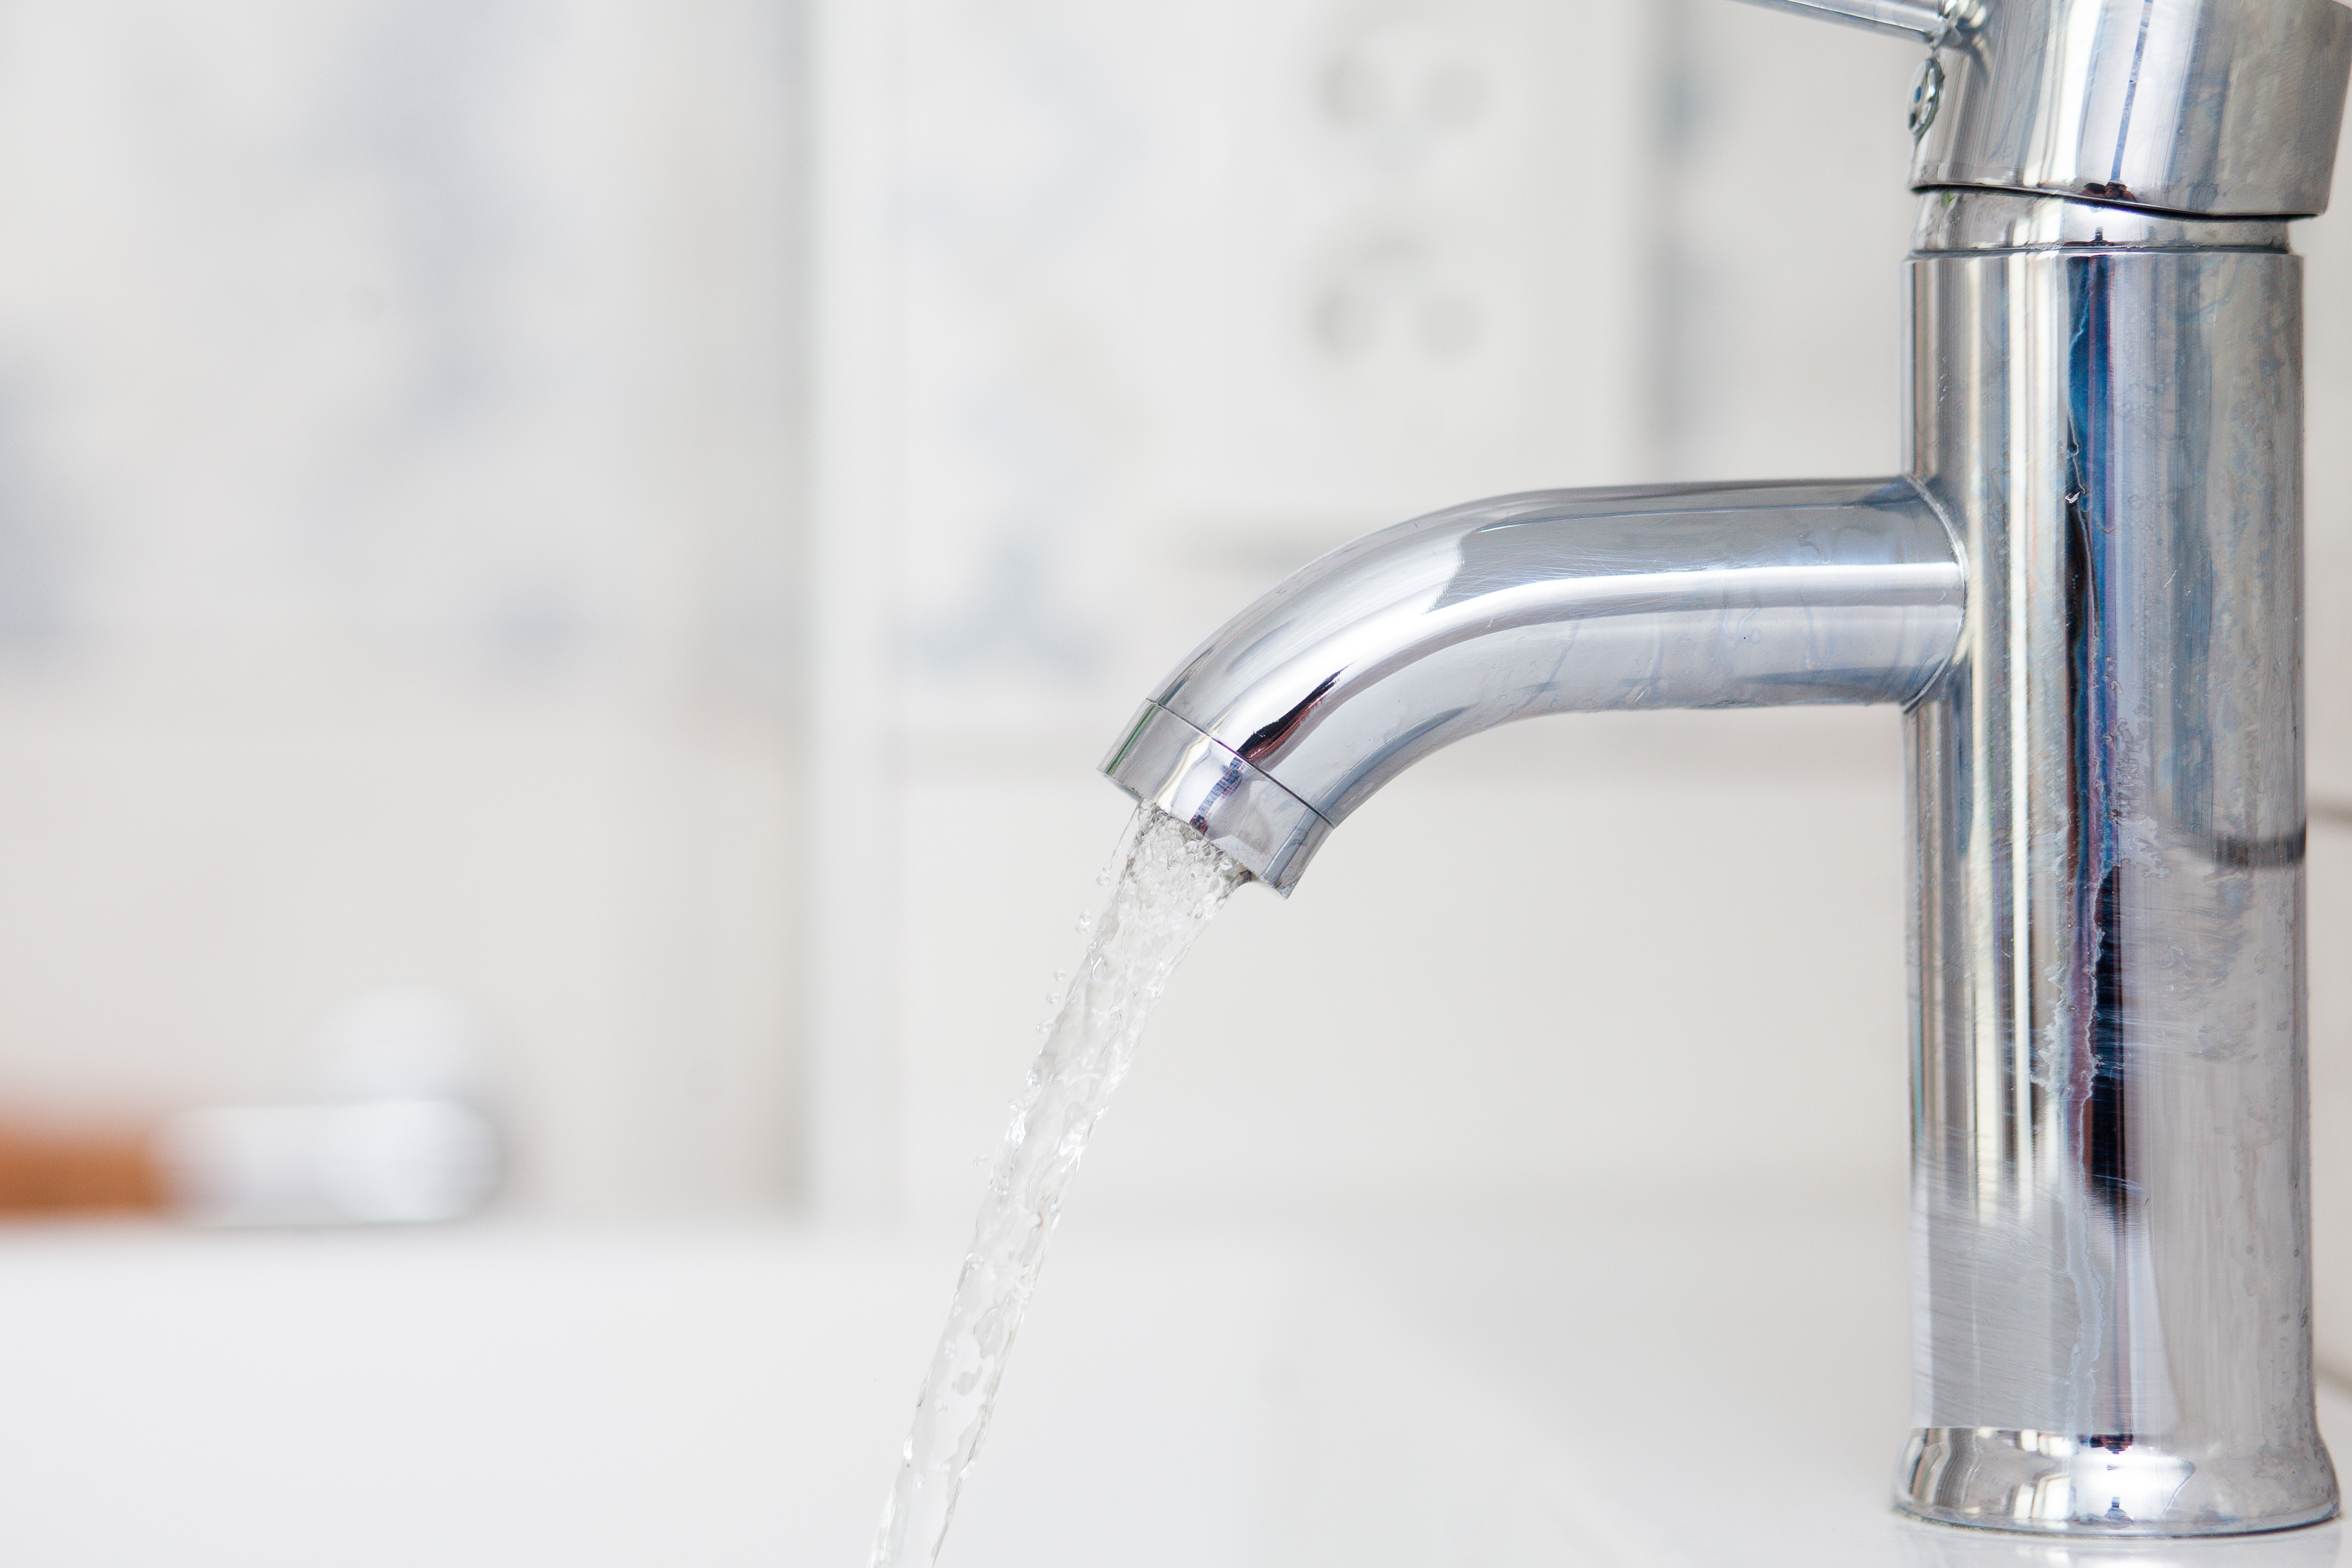 Zeci de blocuri din Capitală au rămas fără apă caldă și căldură, în urma unor avarii. Lista zonelor afectate